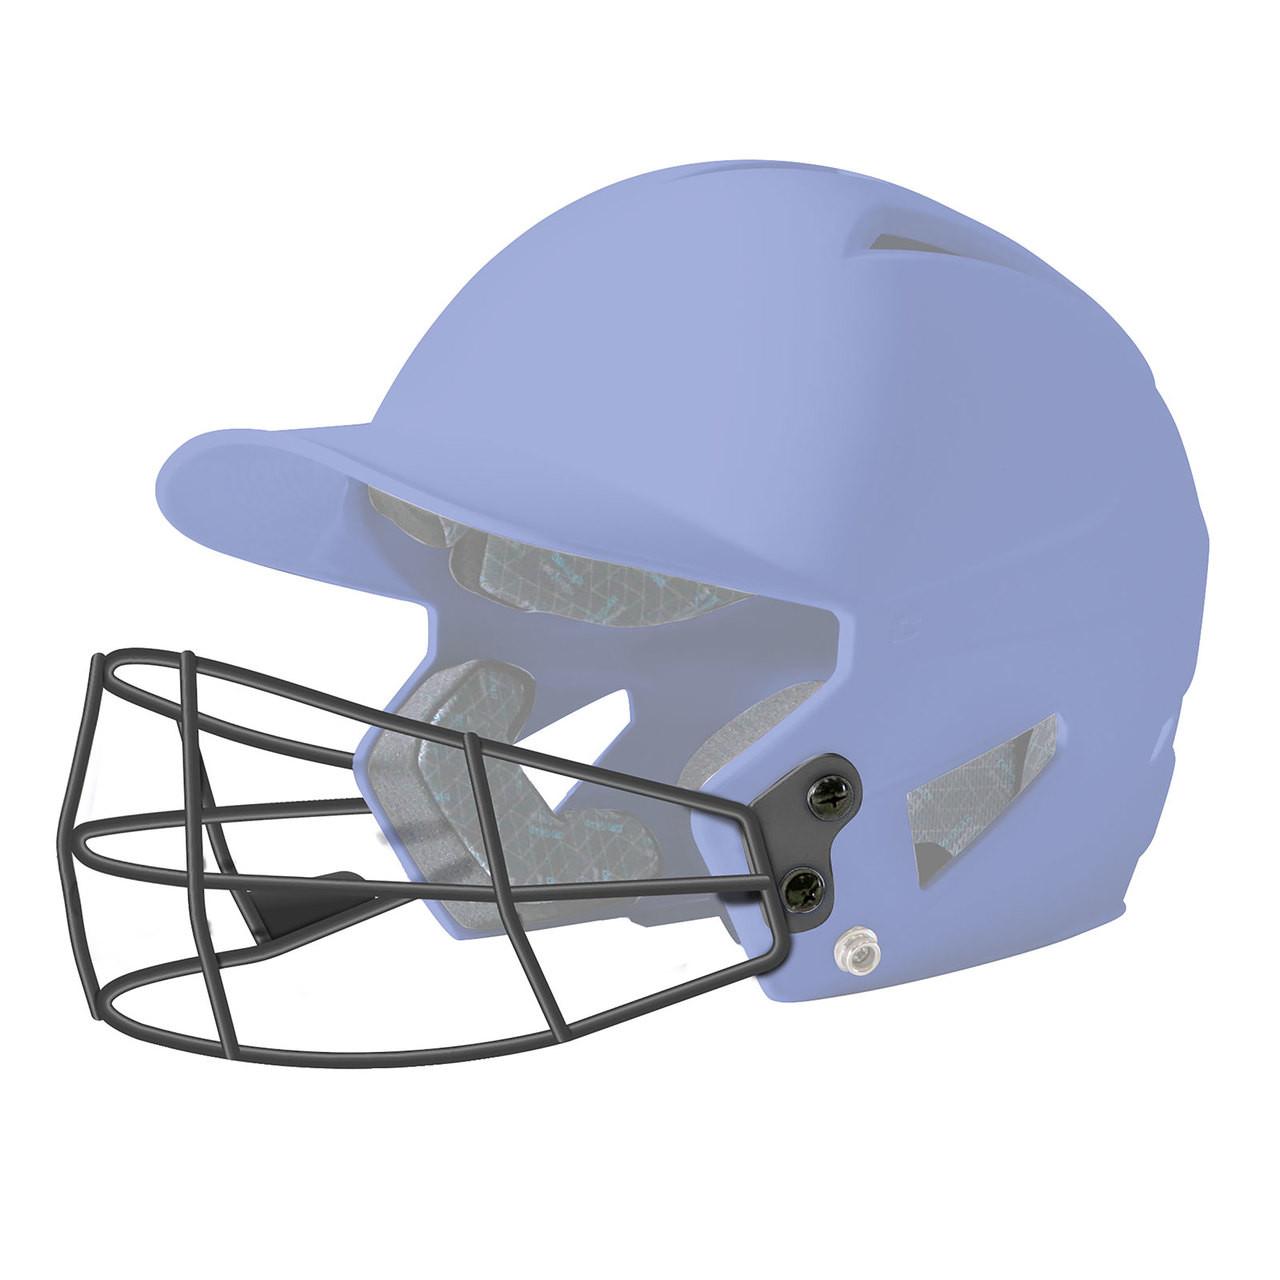 Champro Sports HX Baseball Face Mask